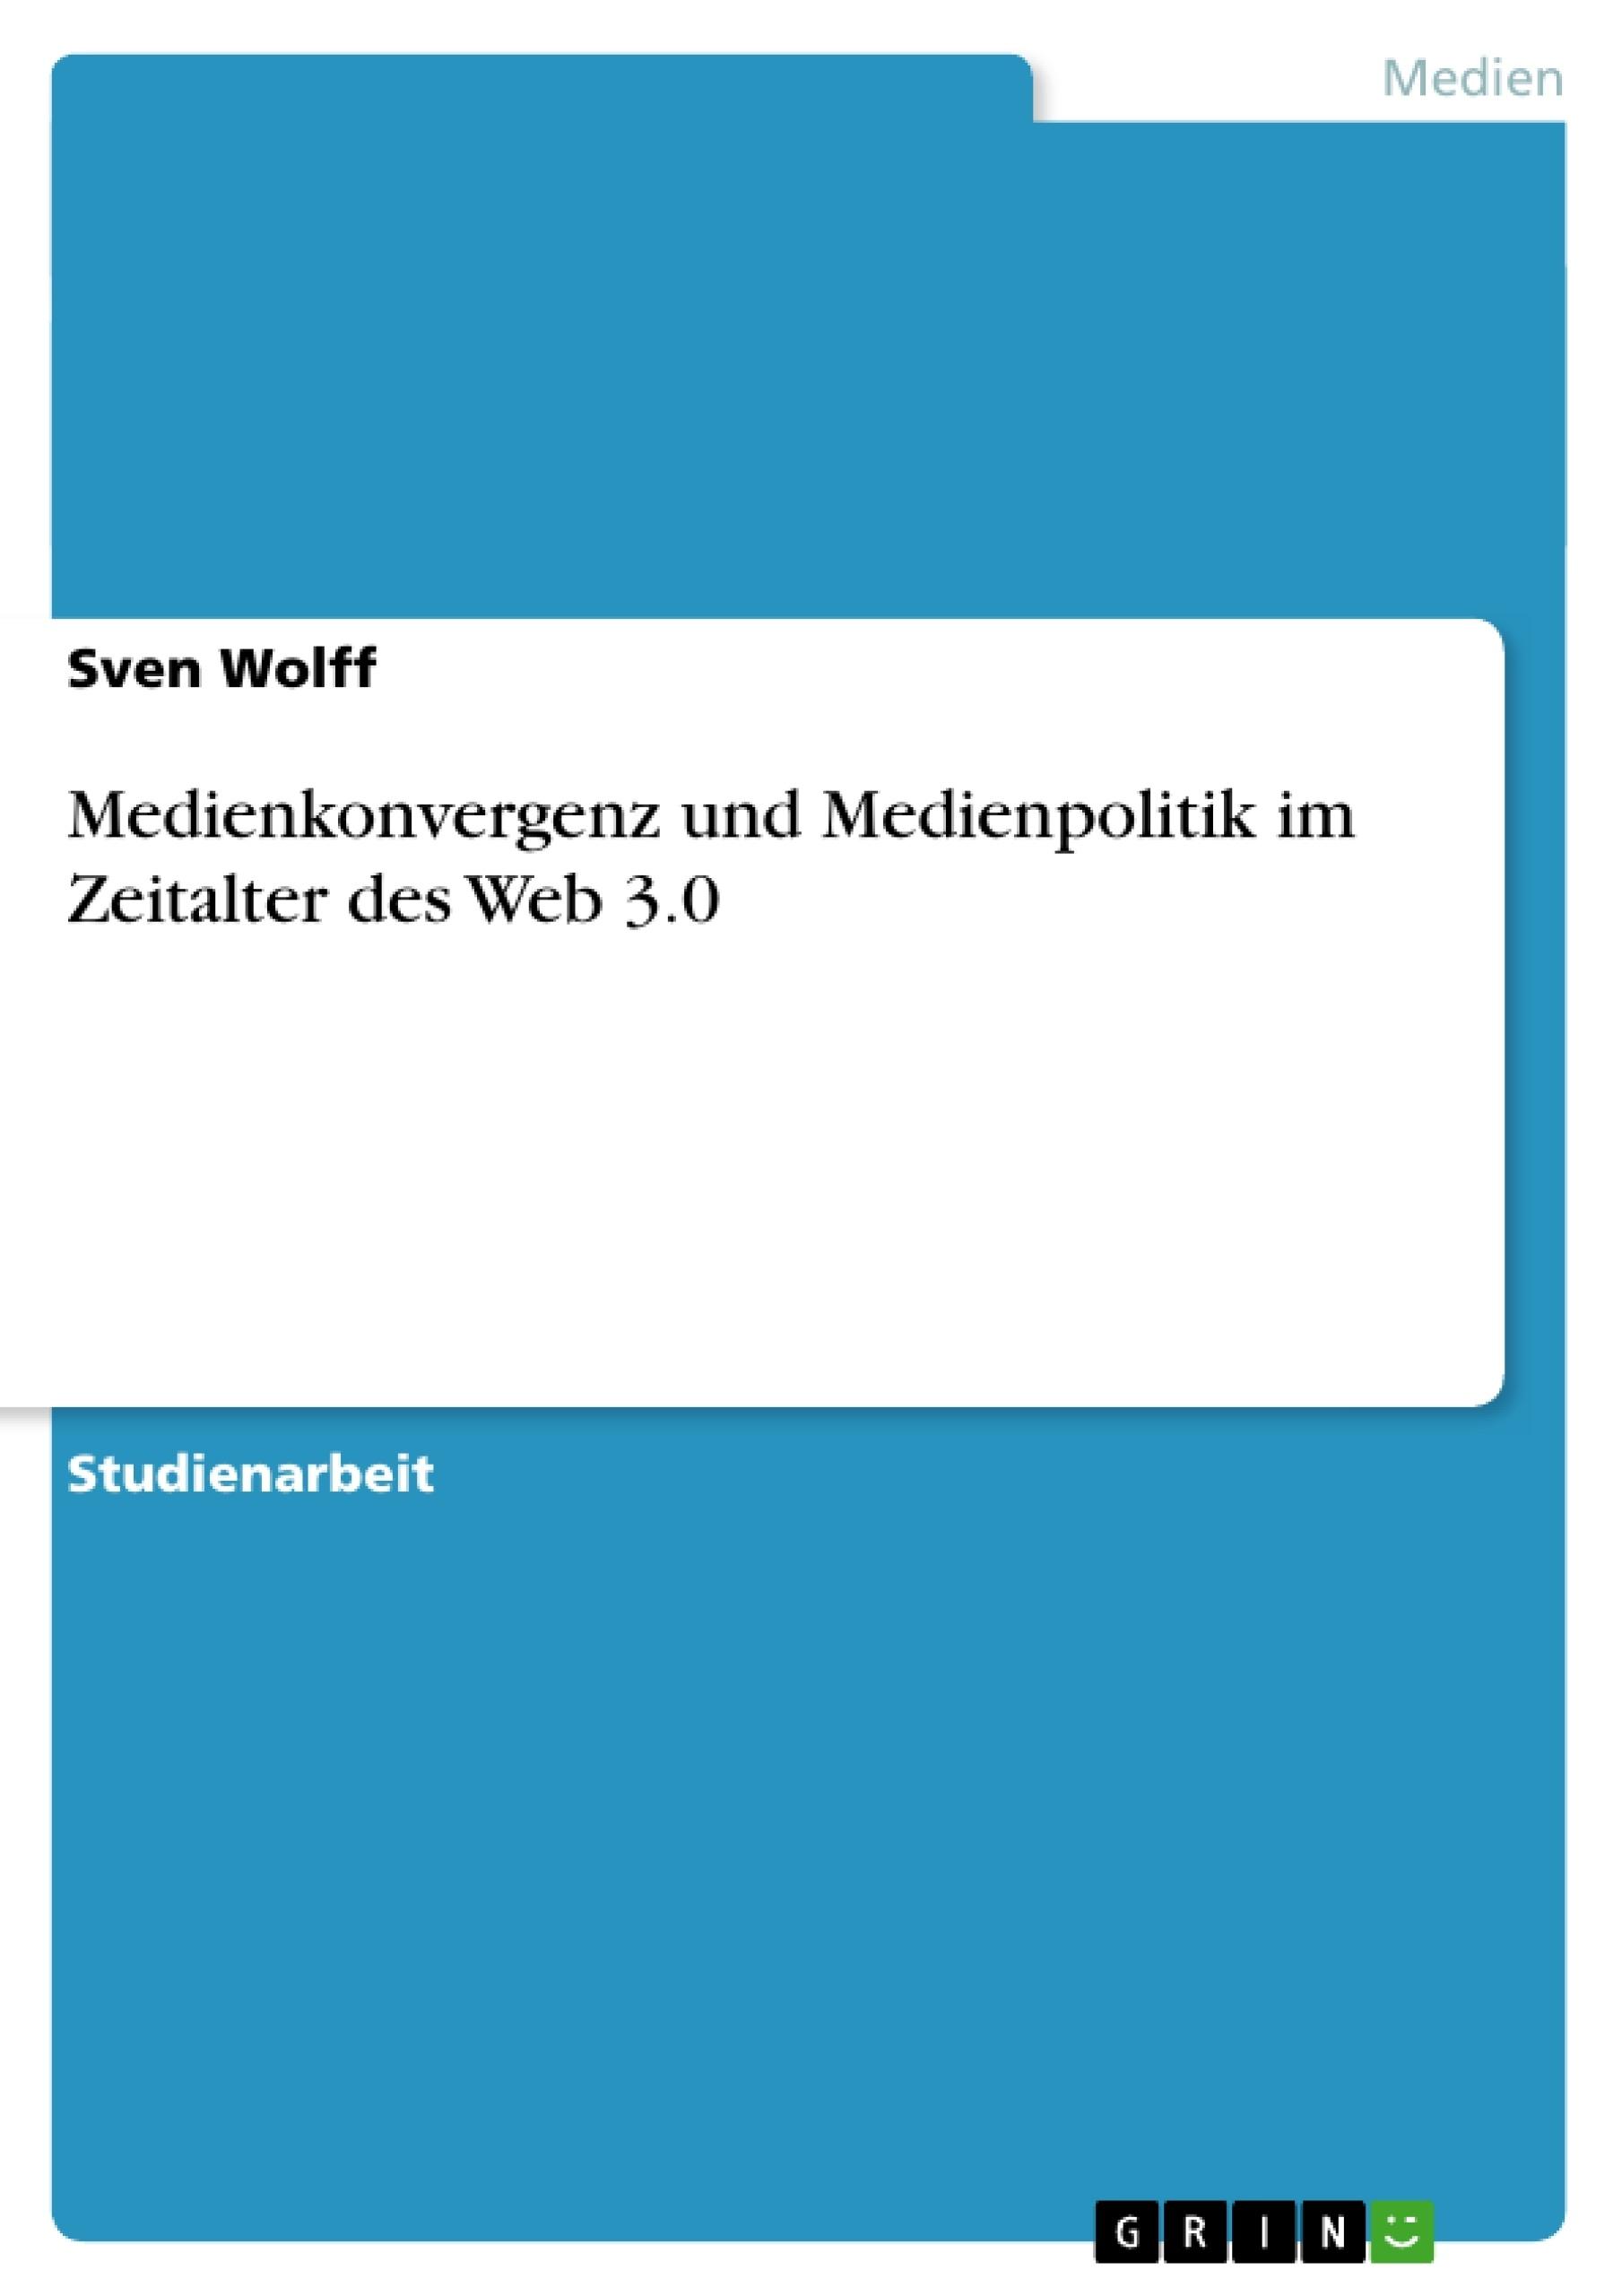 Titel: Medienkonvergenz und Medienpolitik im Zeitalter des Web 3.0